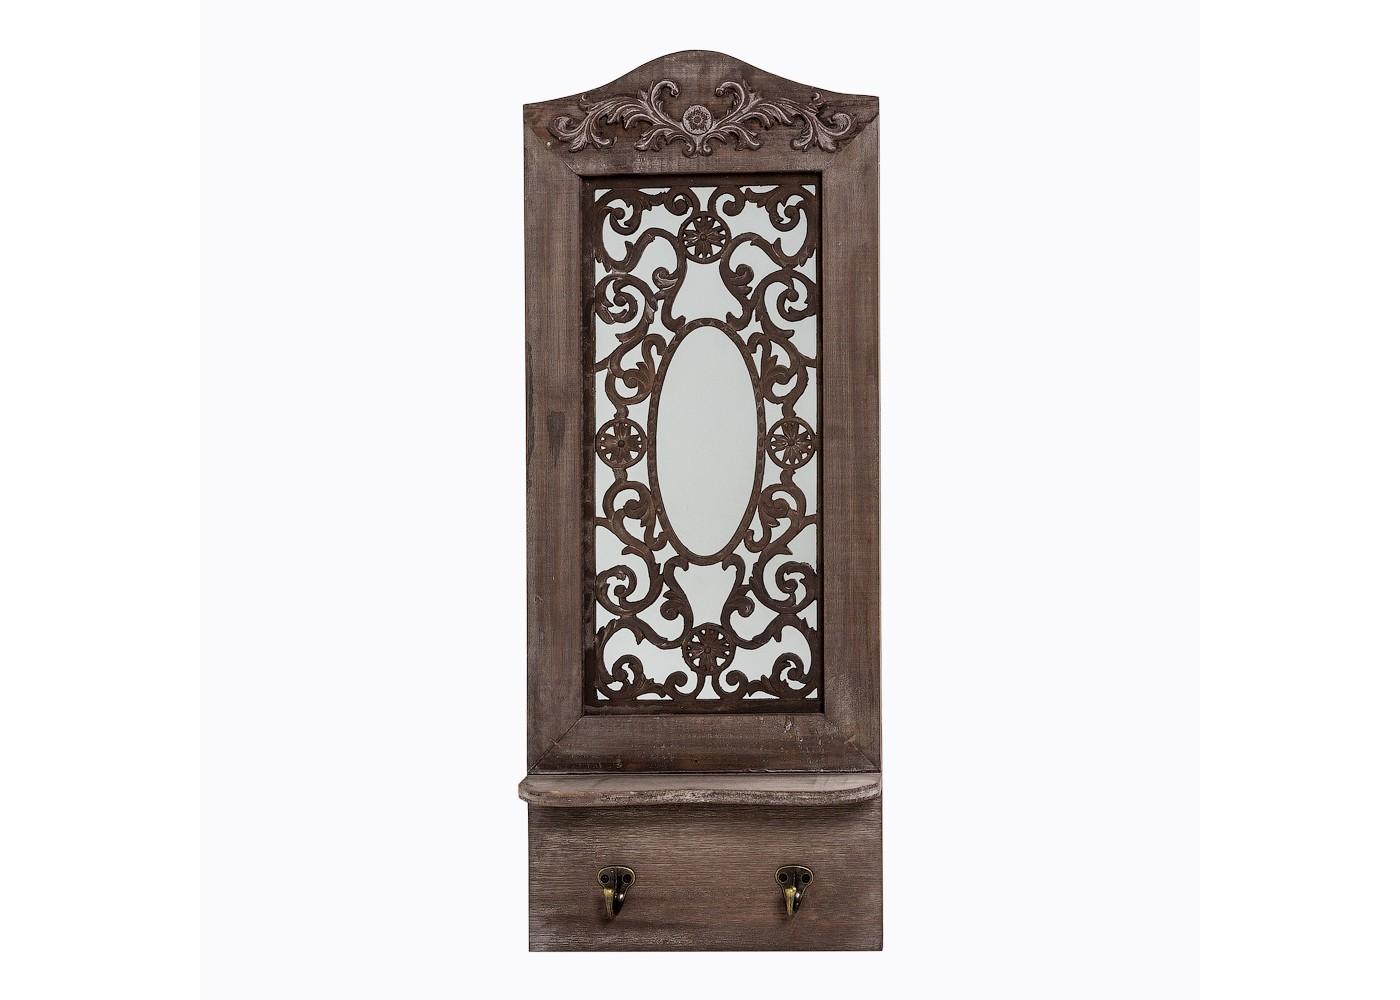 Настенное зеркало «Авиньон» (шоколадный антик)Настенные зеркала<br>&amp;quot;Авиньон&amp;quot; ? оригинальный декор, изюминка которого заключается в ювелирном исполнении романтичного орнамента. Выполненный на зеркальной поверхности, он удваивает свою элегантность, которая будто становится осязаемой благодаря отражению. Благородство патинированной натуральной ели, ее уникальная фактура и богатая палитра, добавляют декору винтажный шарм. А дополнения в виде двух золотистых крючков и аккуратной полочки ? функциональность, которая не будет лишней ни в одном интерьере.&amp;lt;div&amp;gt;&amp;lt;br&amp;gt;&amp;lt;/div&amp;gt;&amp;lt;div&amp;gt;Размер: 28?70?9 см.&amp;lt;/div&amp;gt;&amp;lt;div&amp;gt;Вес: 2 кг.&amp;lt;/div&amp;gt;<br><br>Material: Дерево<br>Ширина см: 28.0<br>Высота см: 70.0<br>Глубина см: 9.0